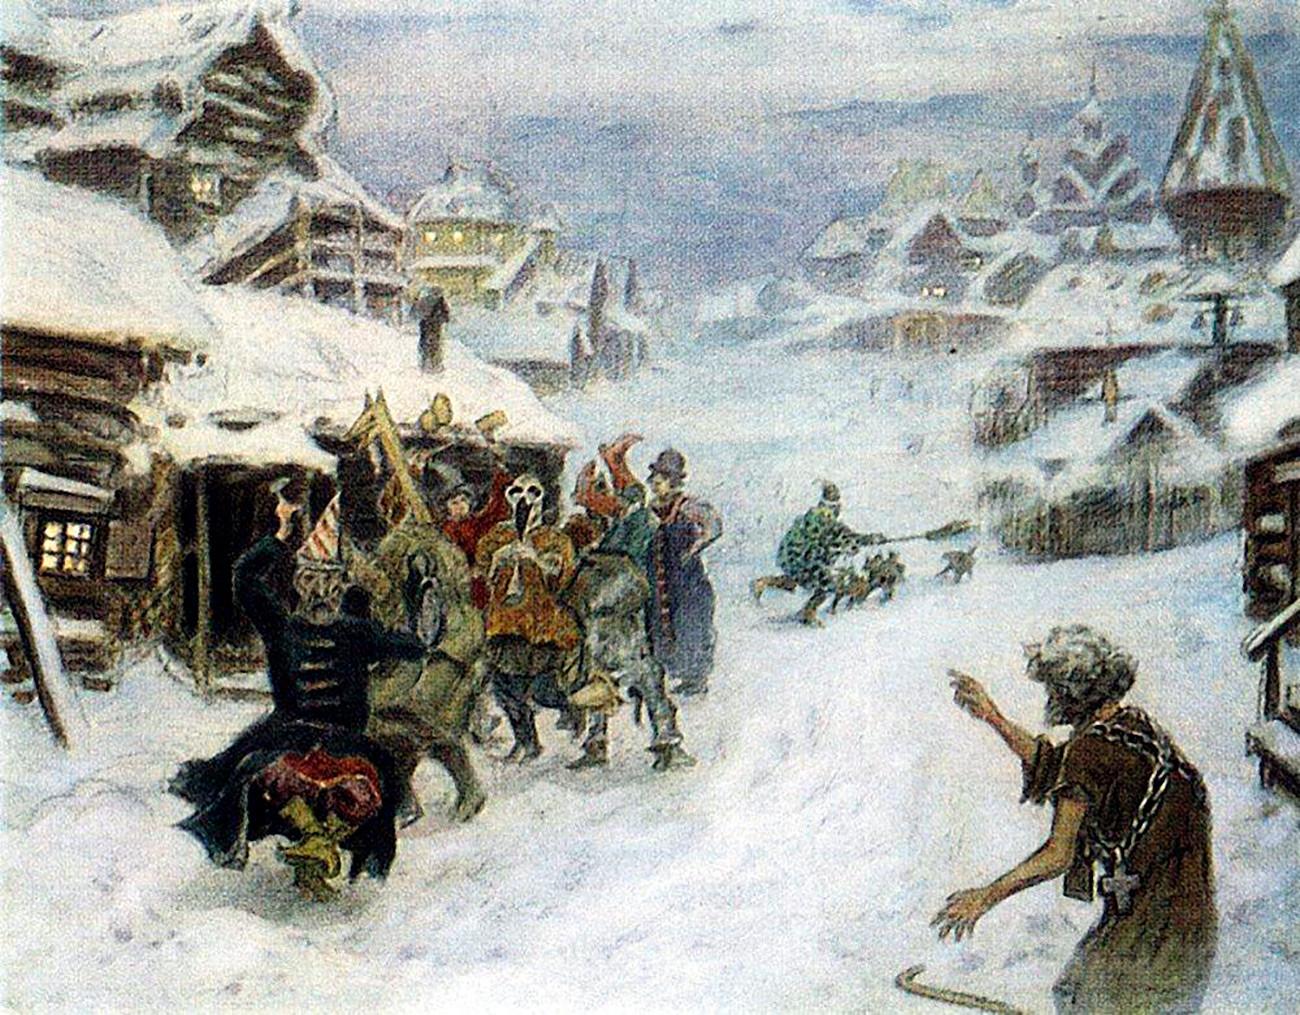 Skomorokhs par Apollinari Vasnetsov, 1904